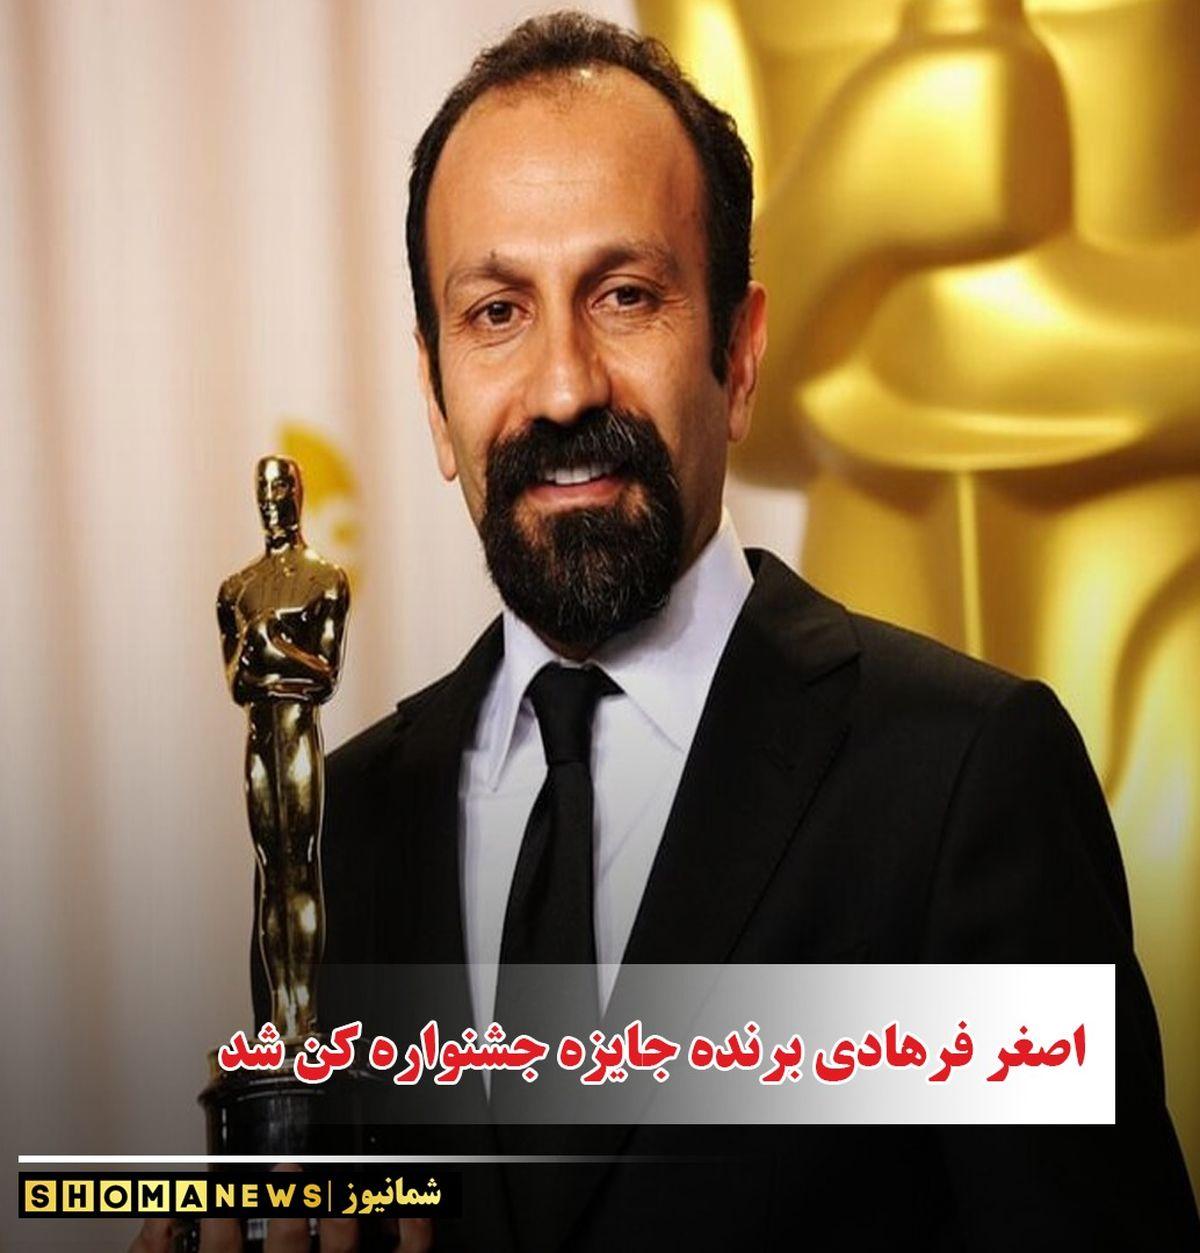 اصغر فرهادی برنده جایزه جشنواره کن شد